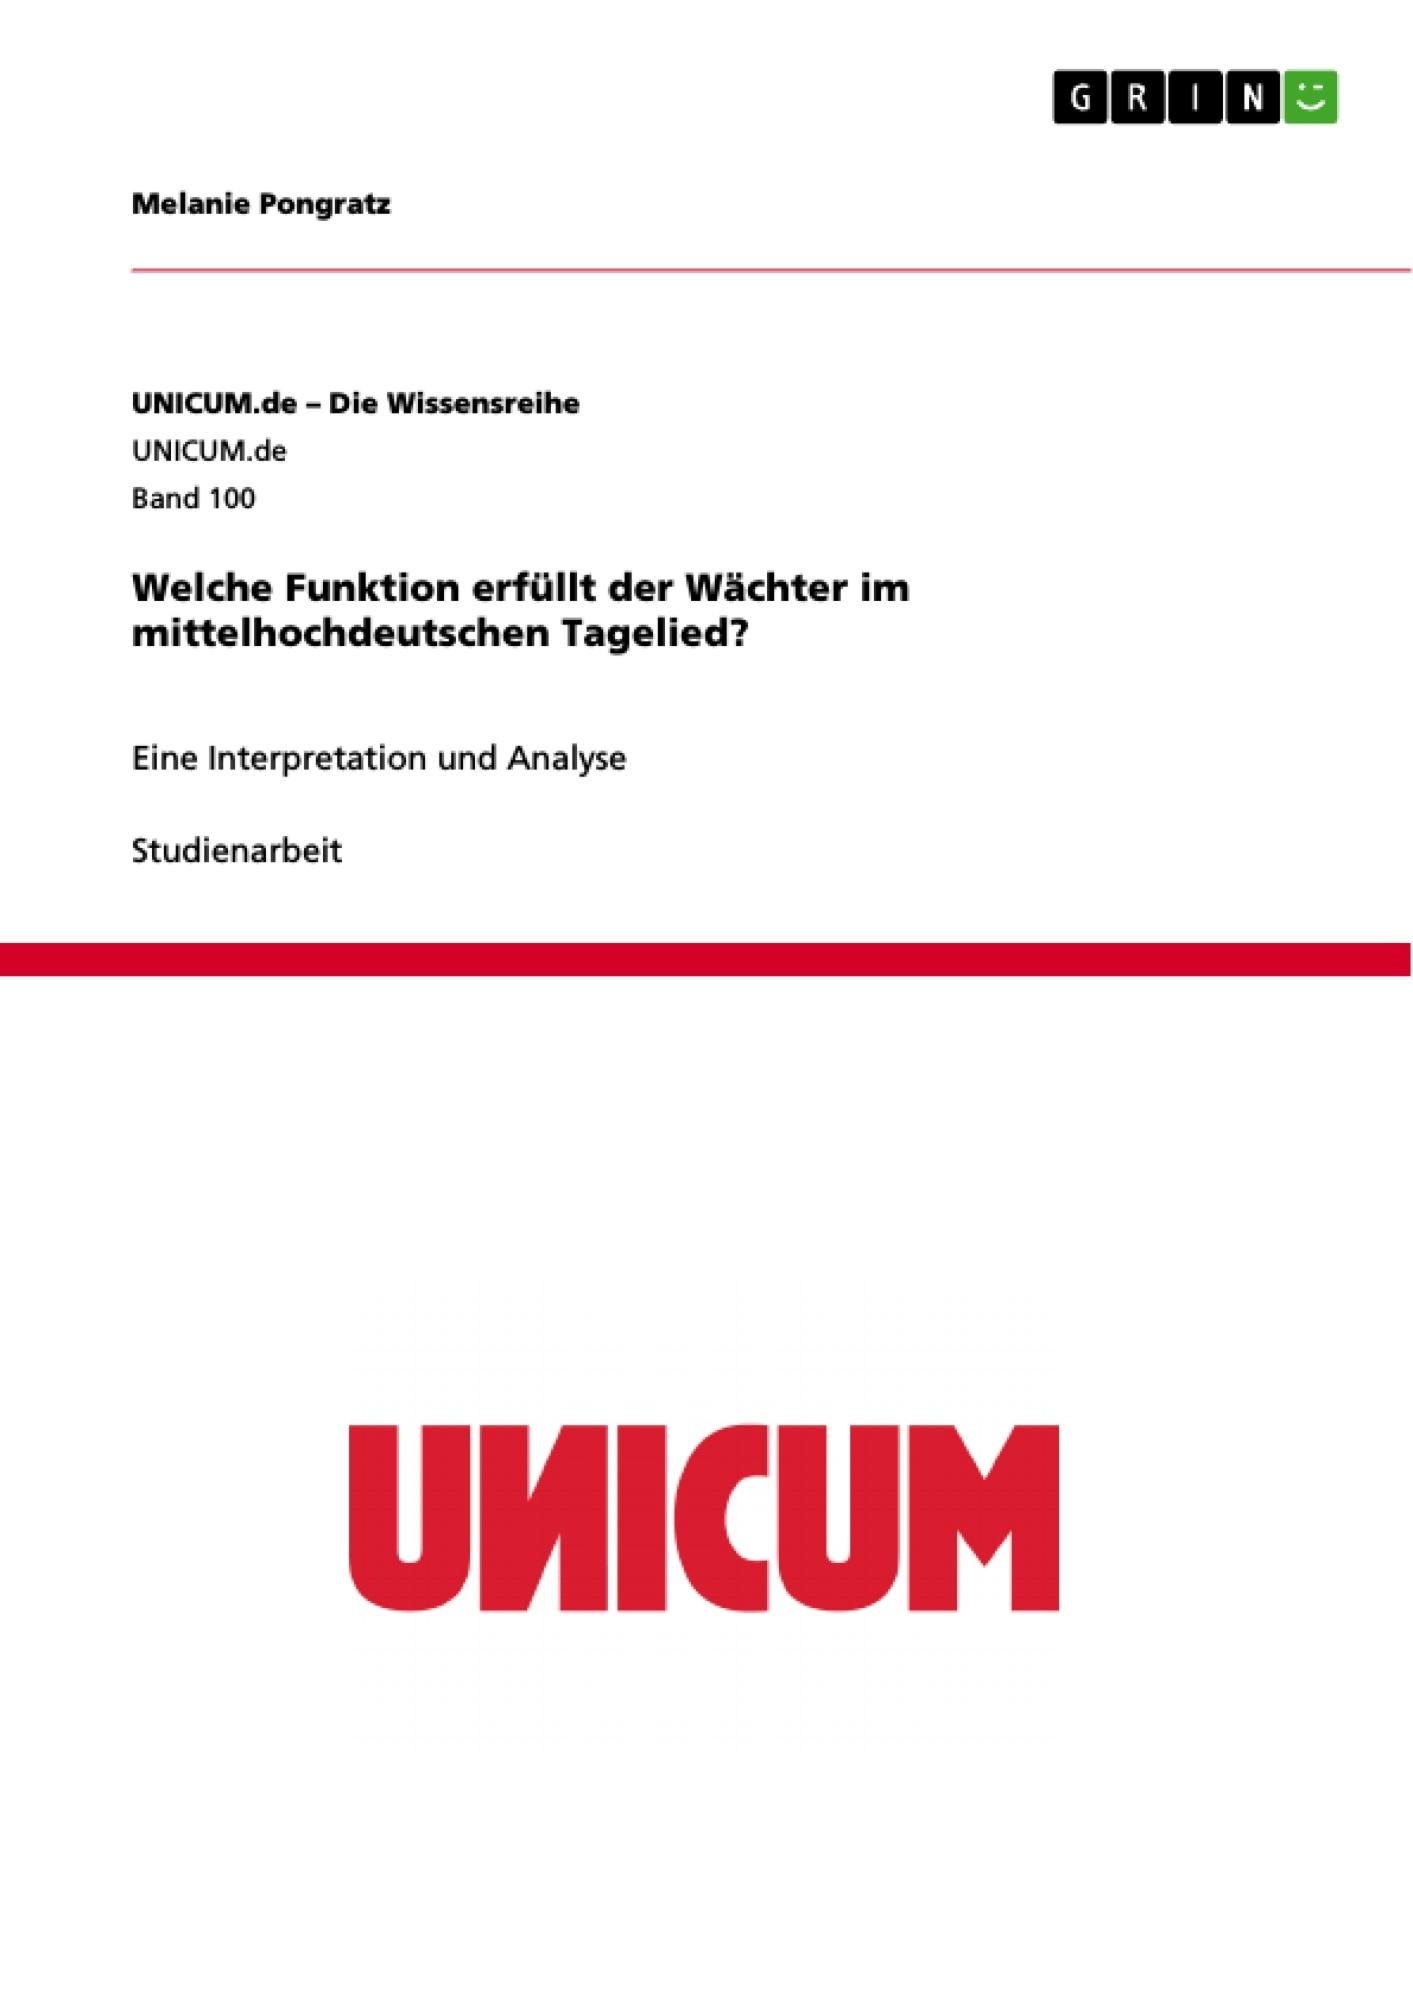 Titel: Welche Funktion erfüllt der Wächter im mittelhochdeutschen Tagelied?